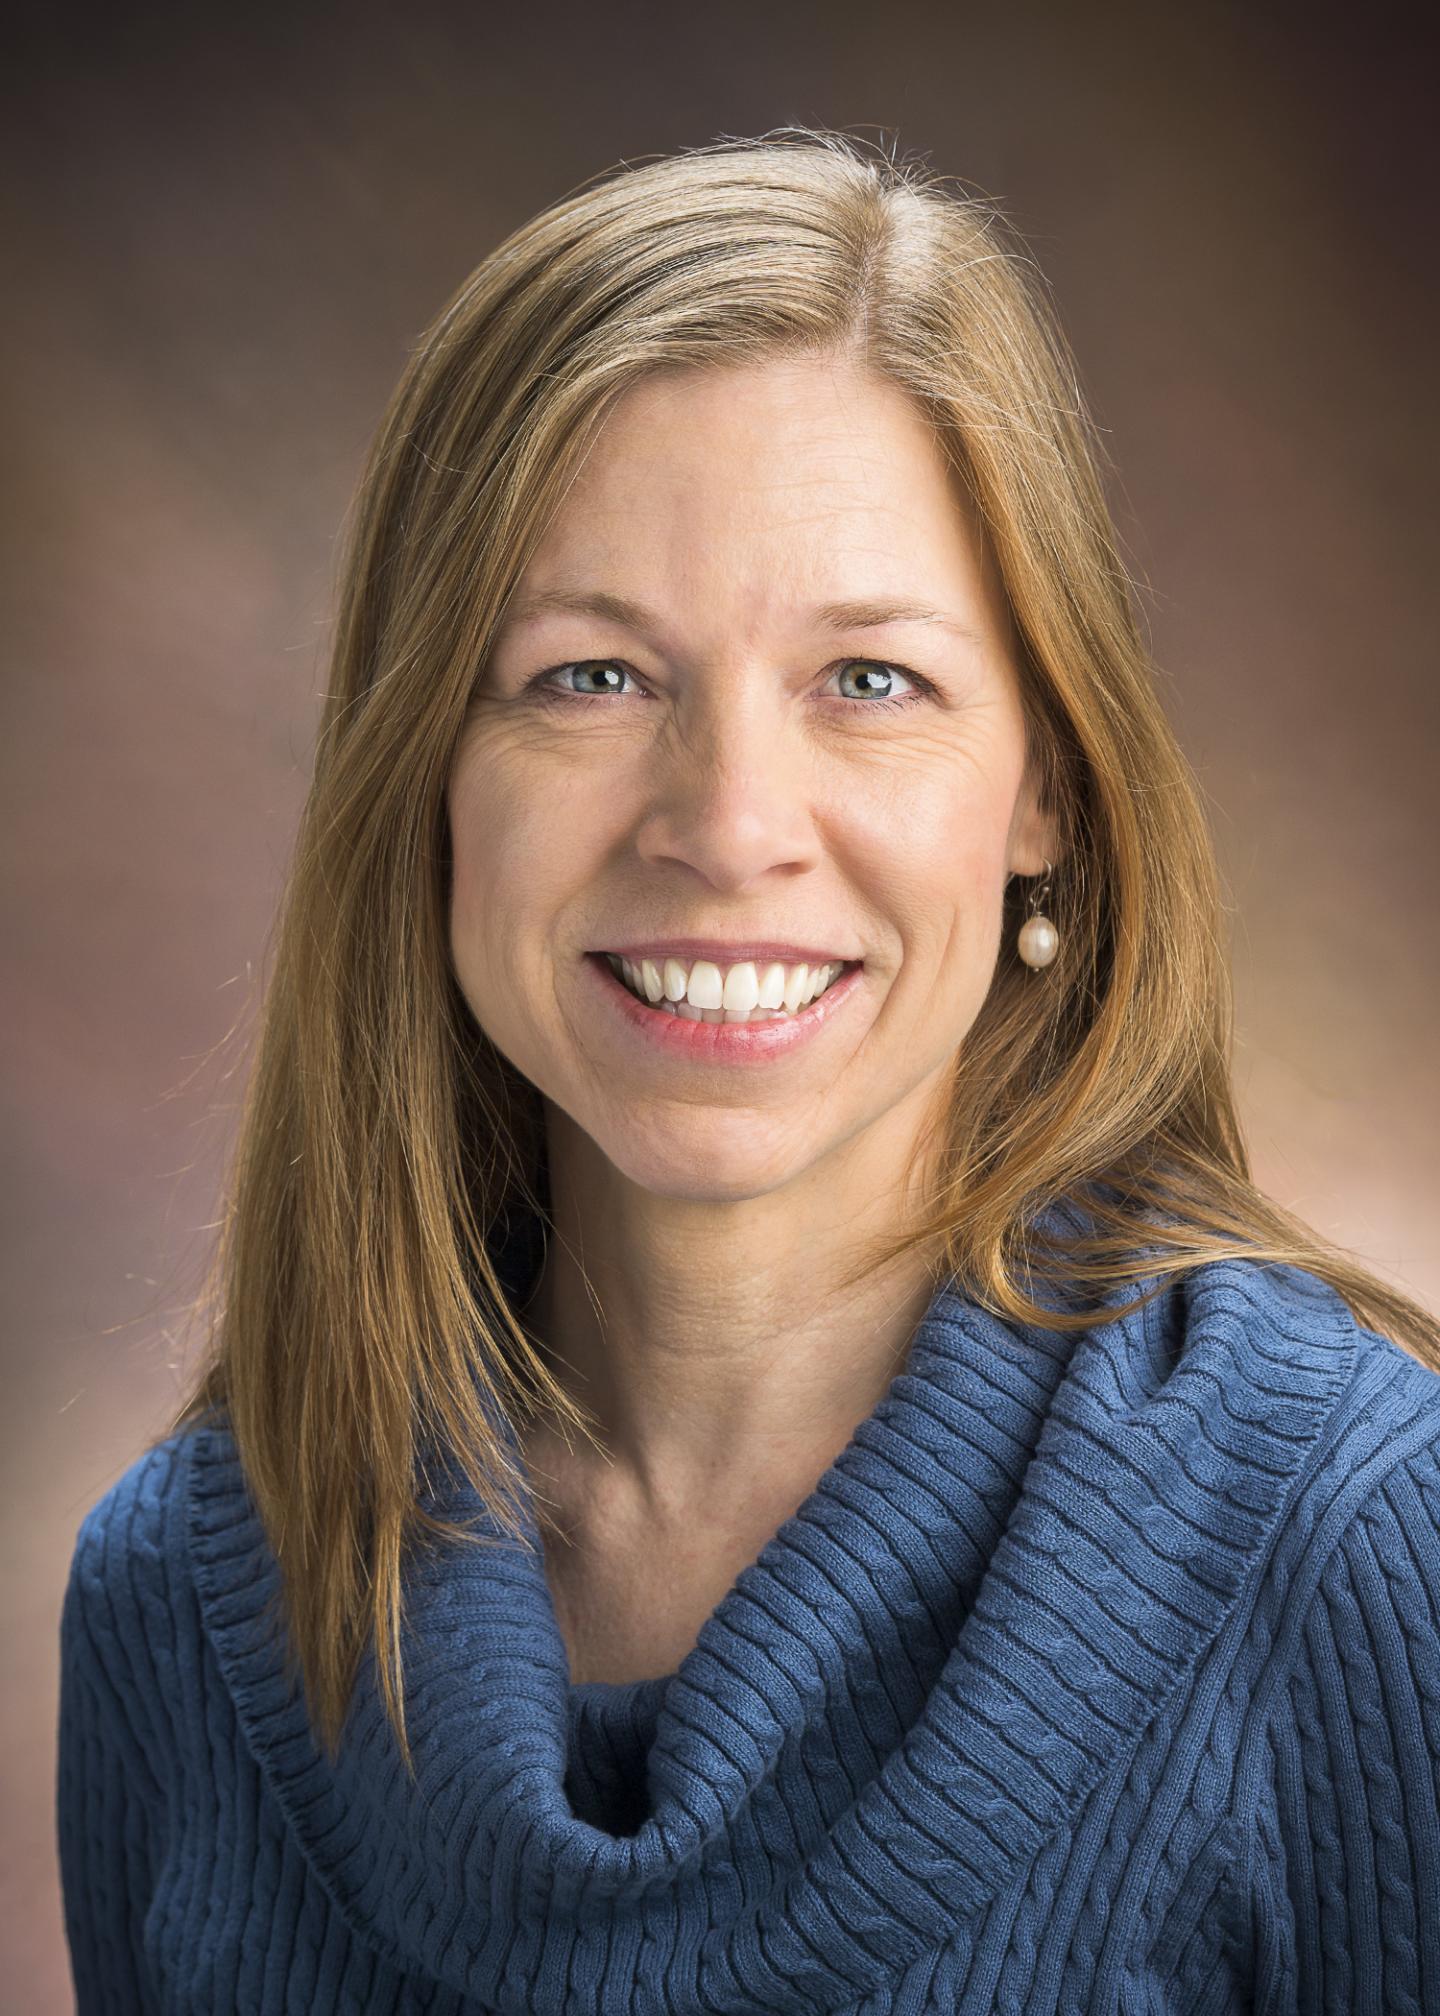 Judith S. Miller, Children's Hospital of Philadelphia